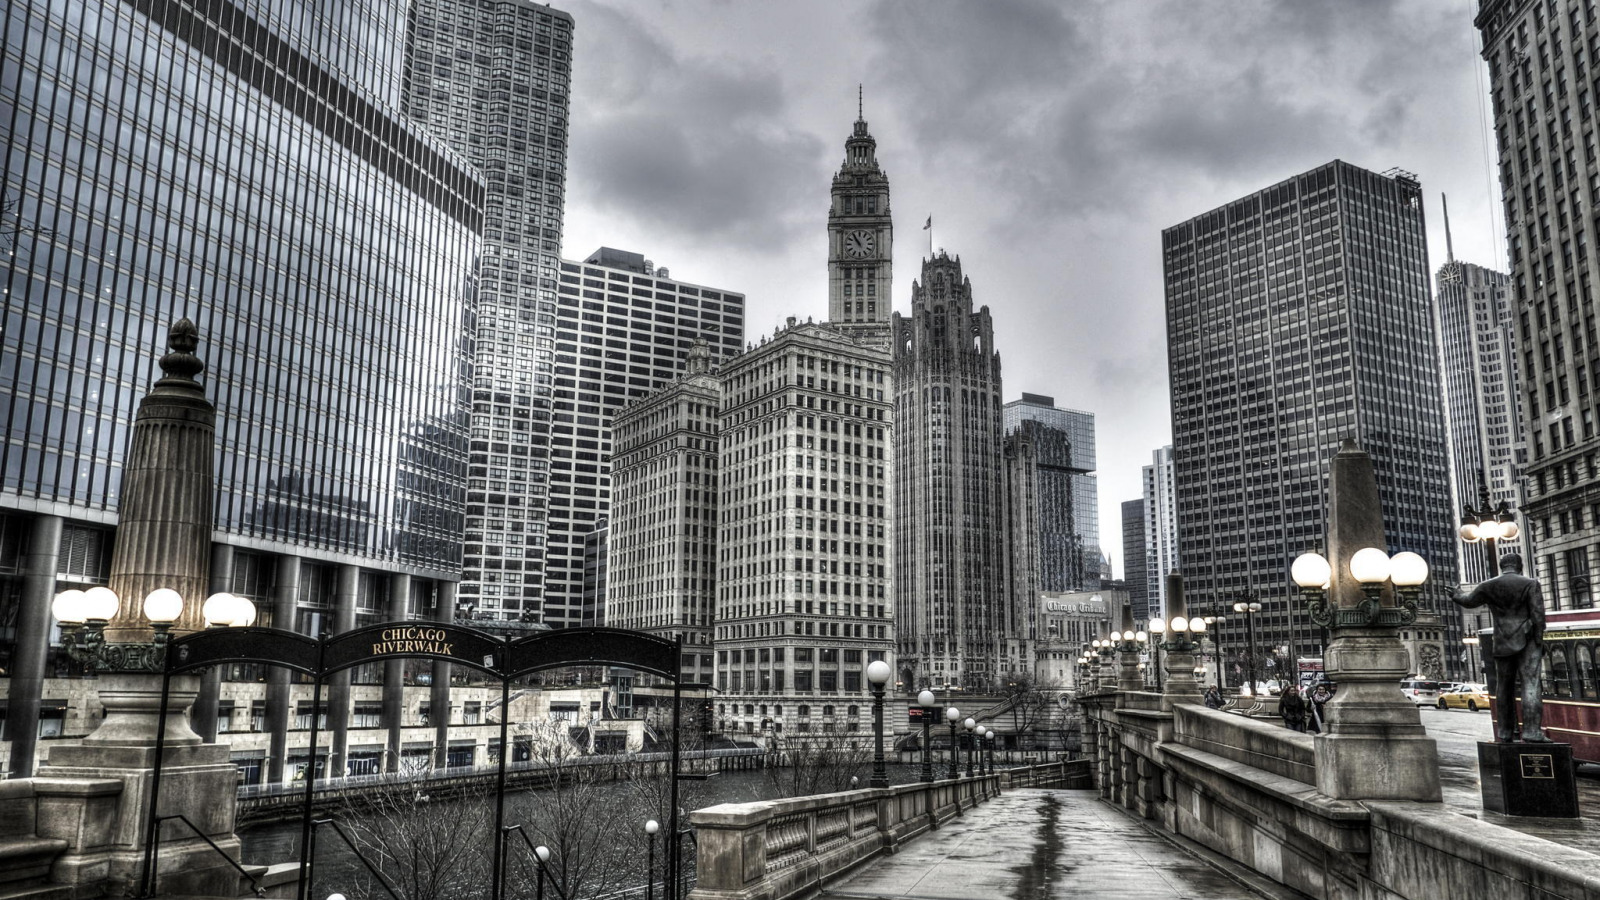 картинки города в сером цвете является уникальным